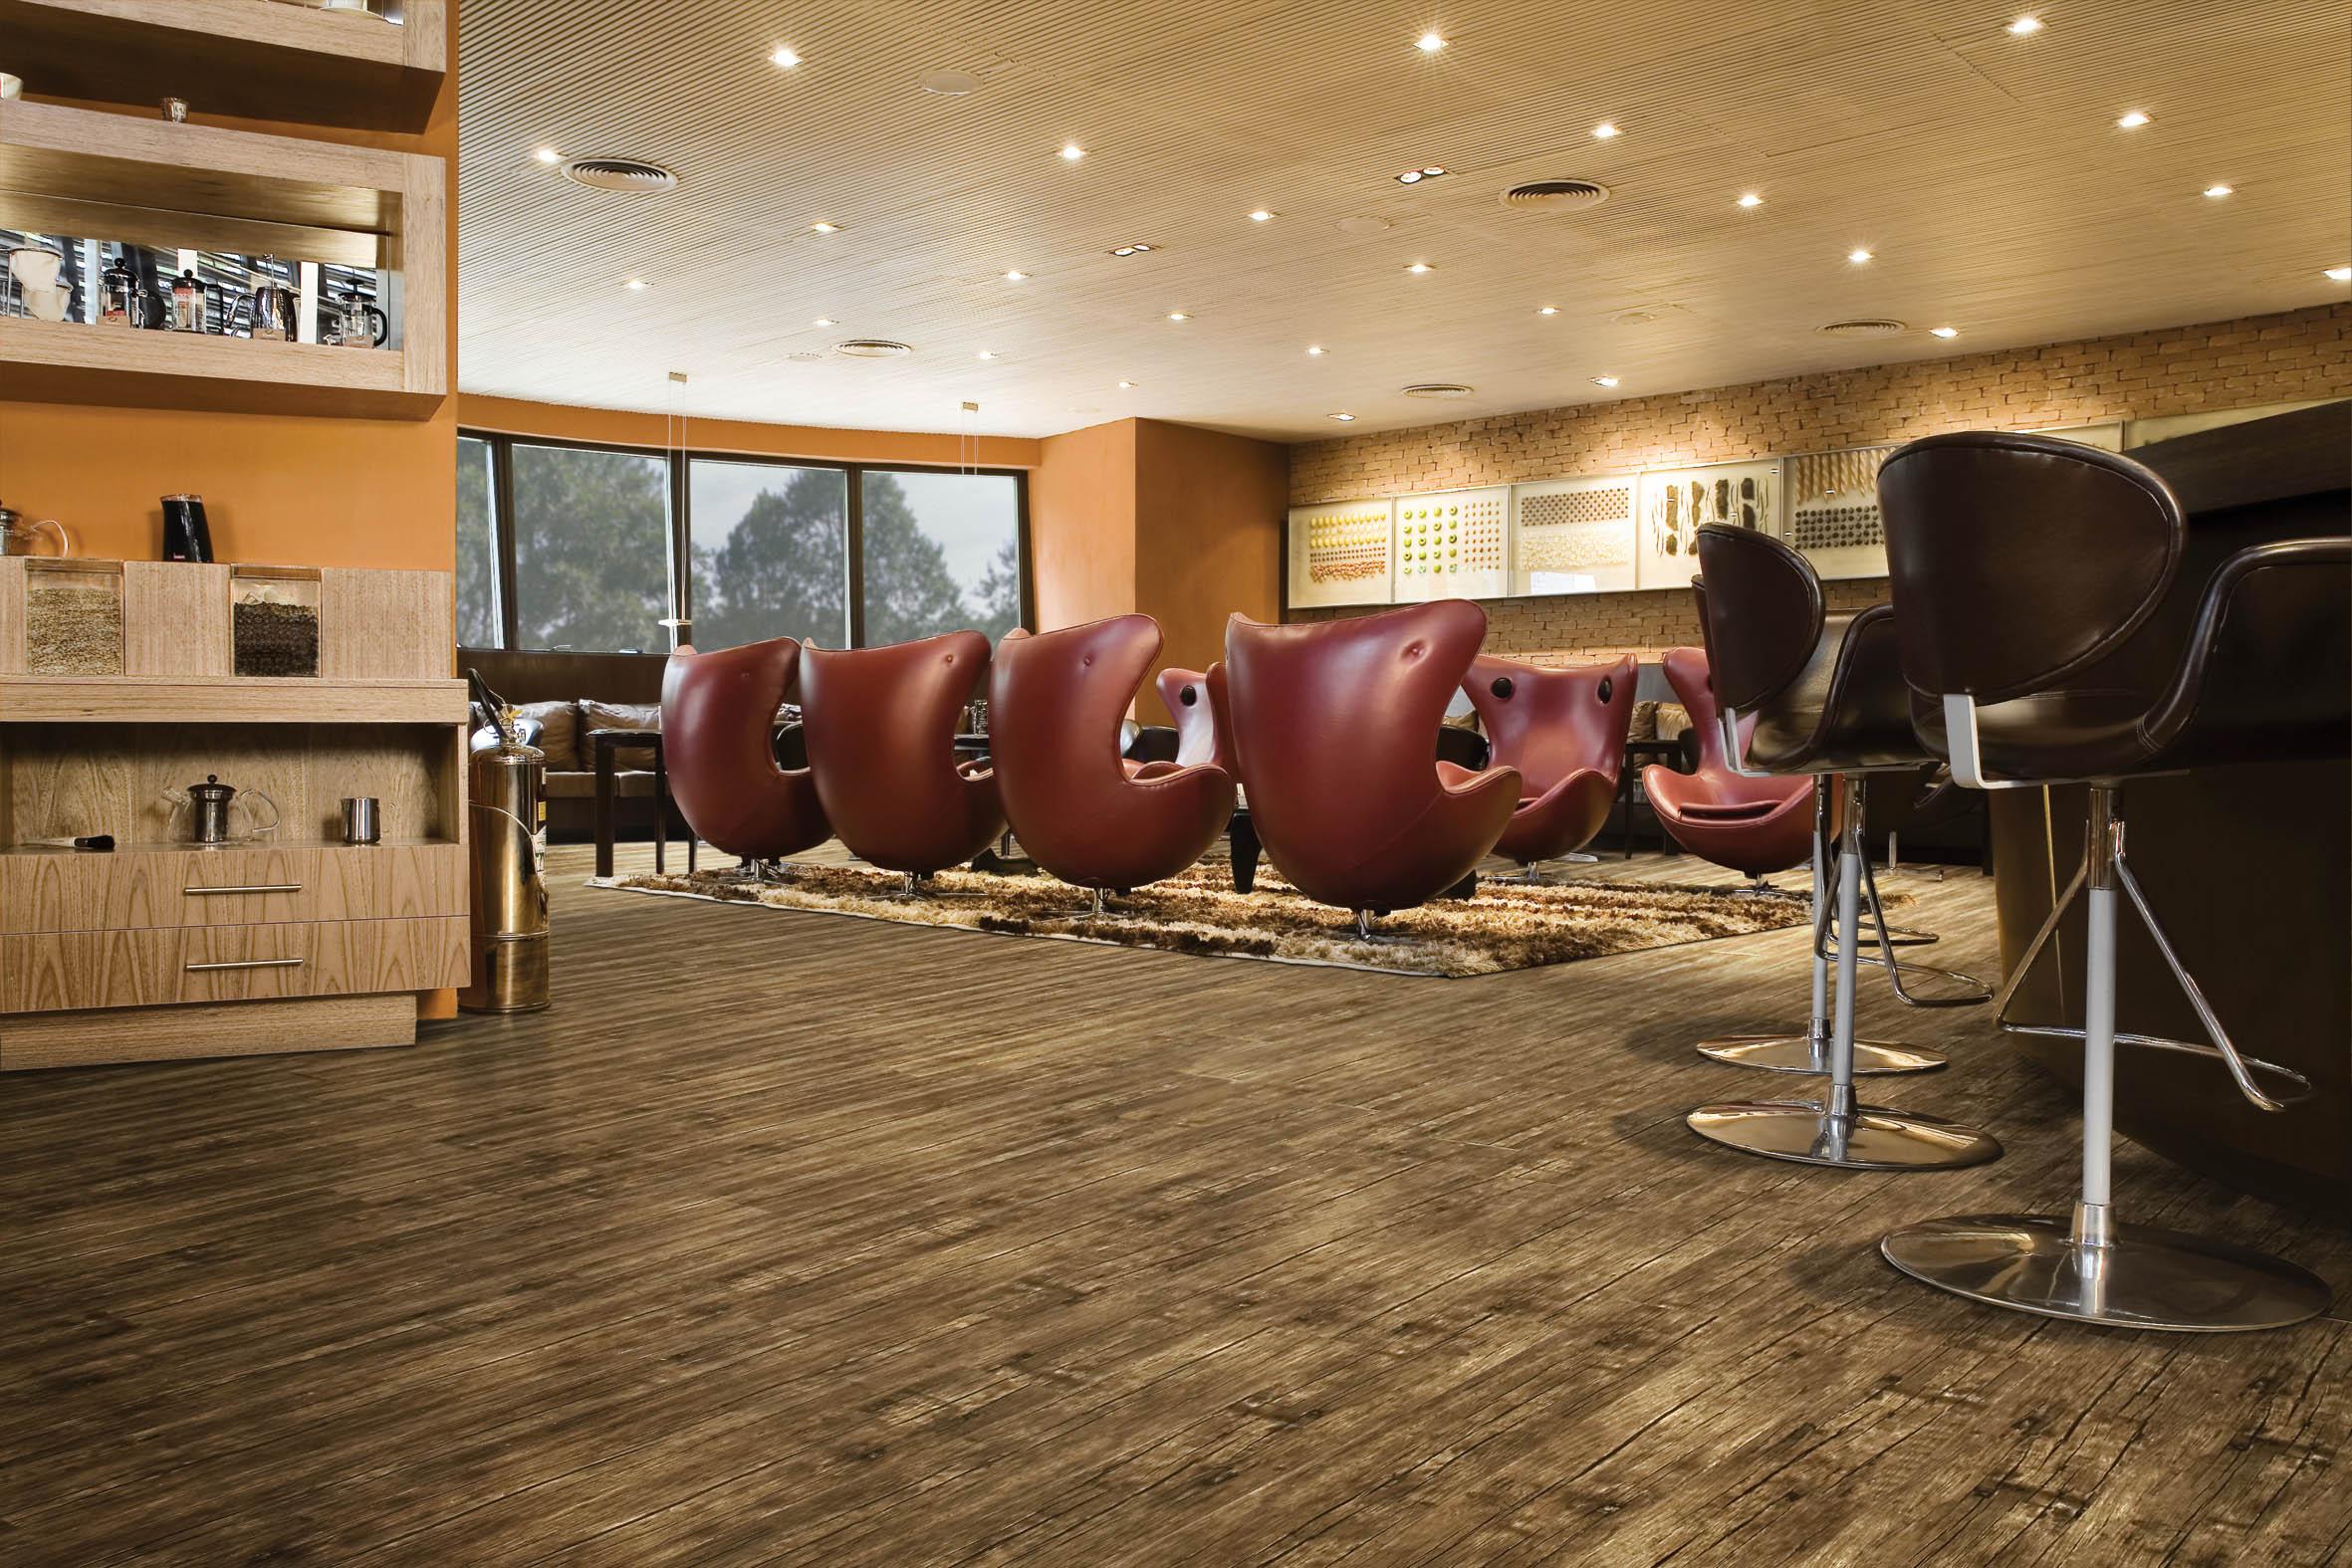 Inove: pisos rústicos para decorar o escritório Blog RC Pisos #966835 2362x1575